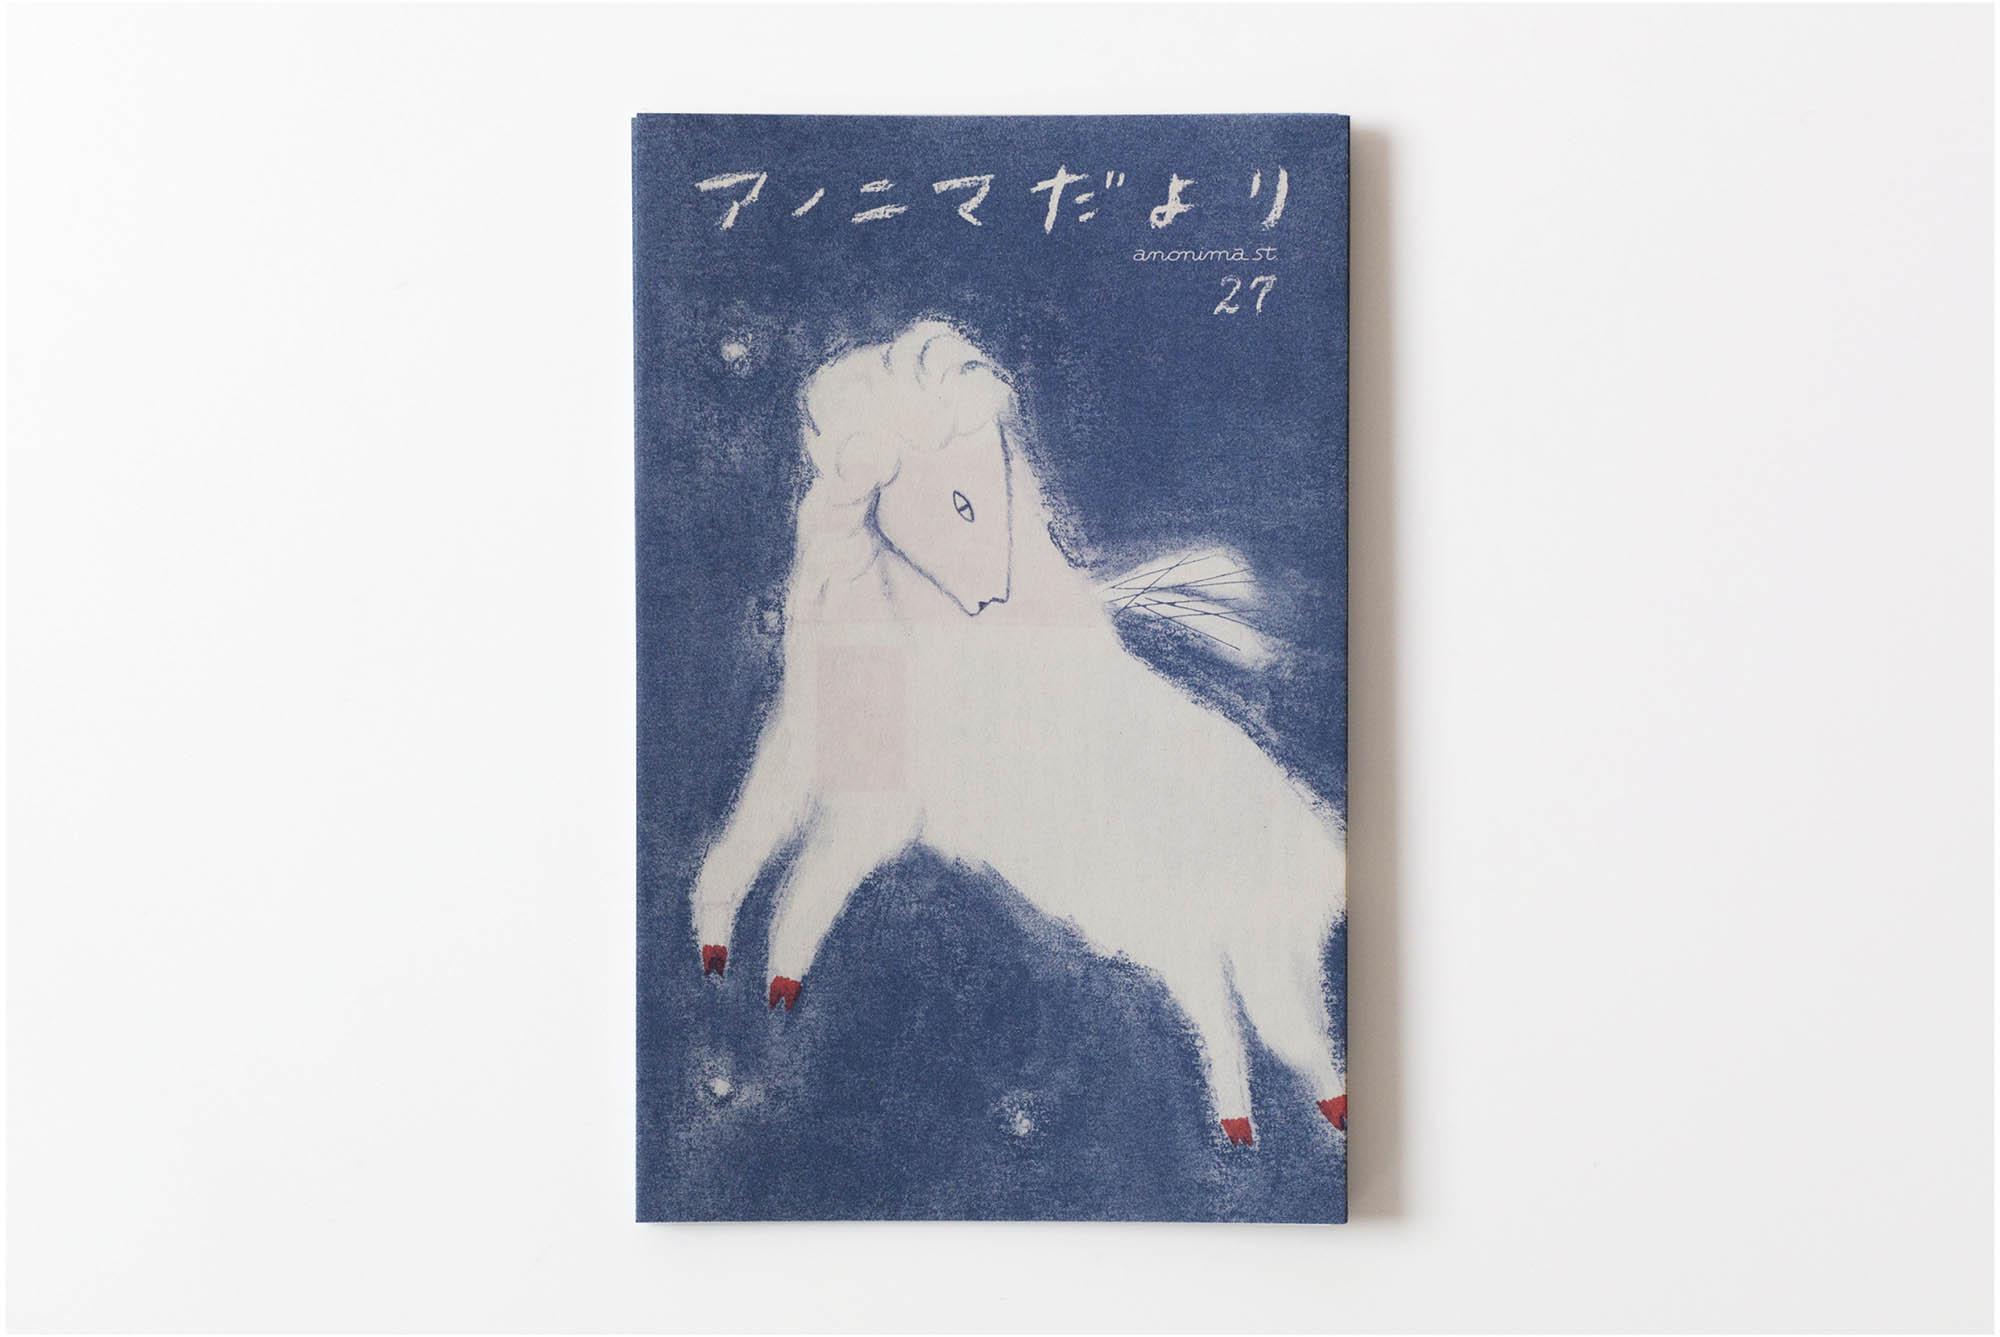 アノニマだより vol.27 表紙デザイン